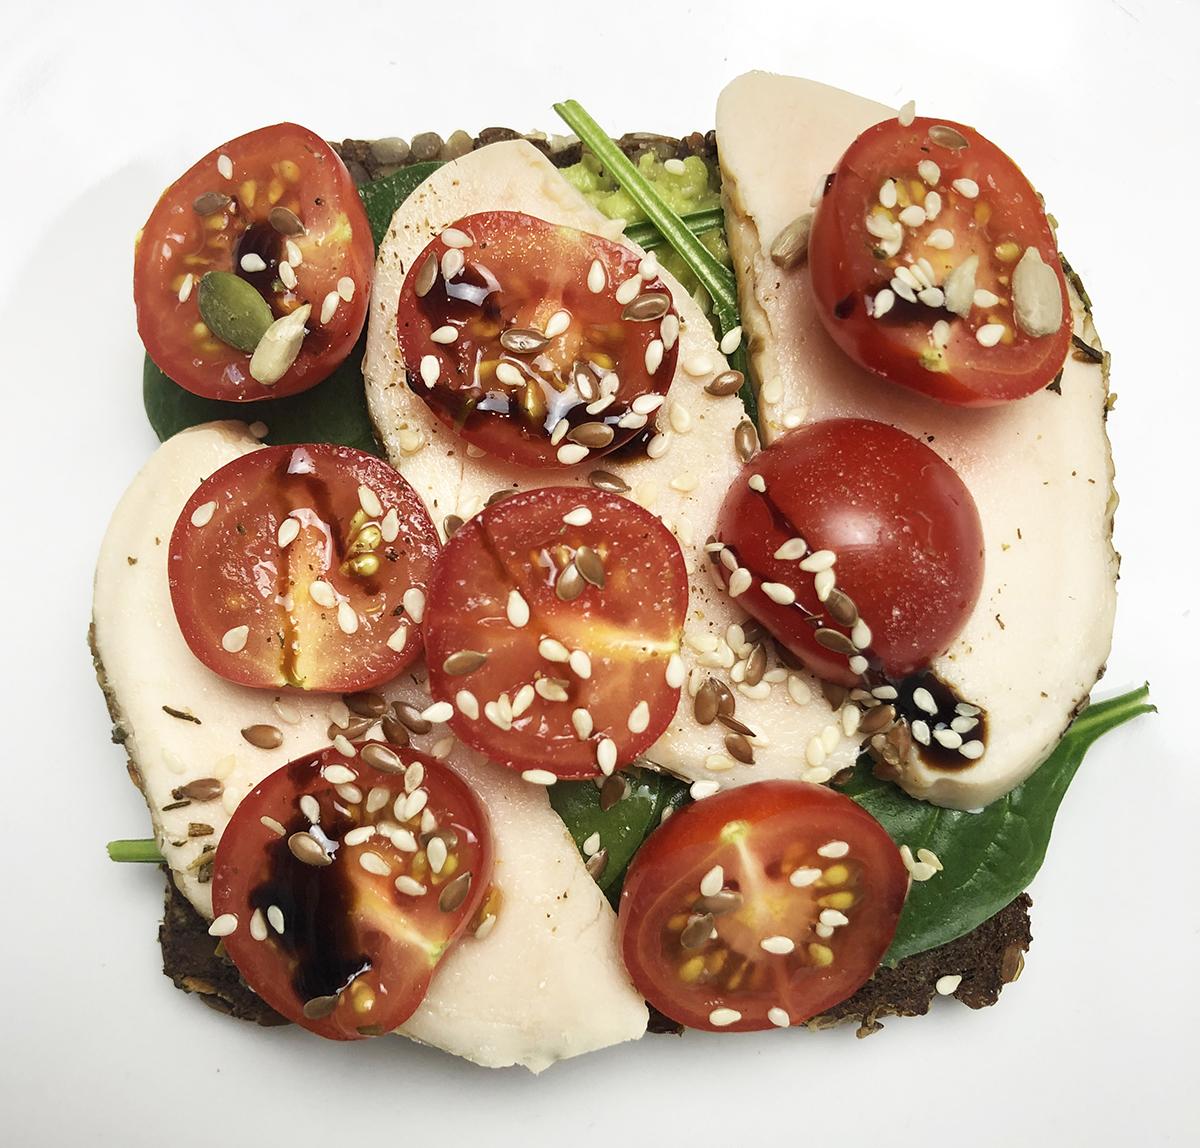 """Чем """"цельнозерновой"""" отличается от """"рафинированного"""" + примеры здоровых бутербродов 1,2,3,4,5,еда,здоровье,медицина,наука,питание"""